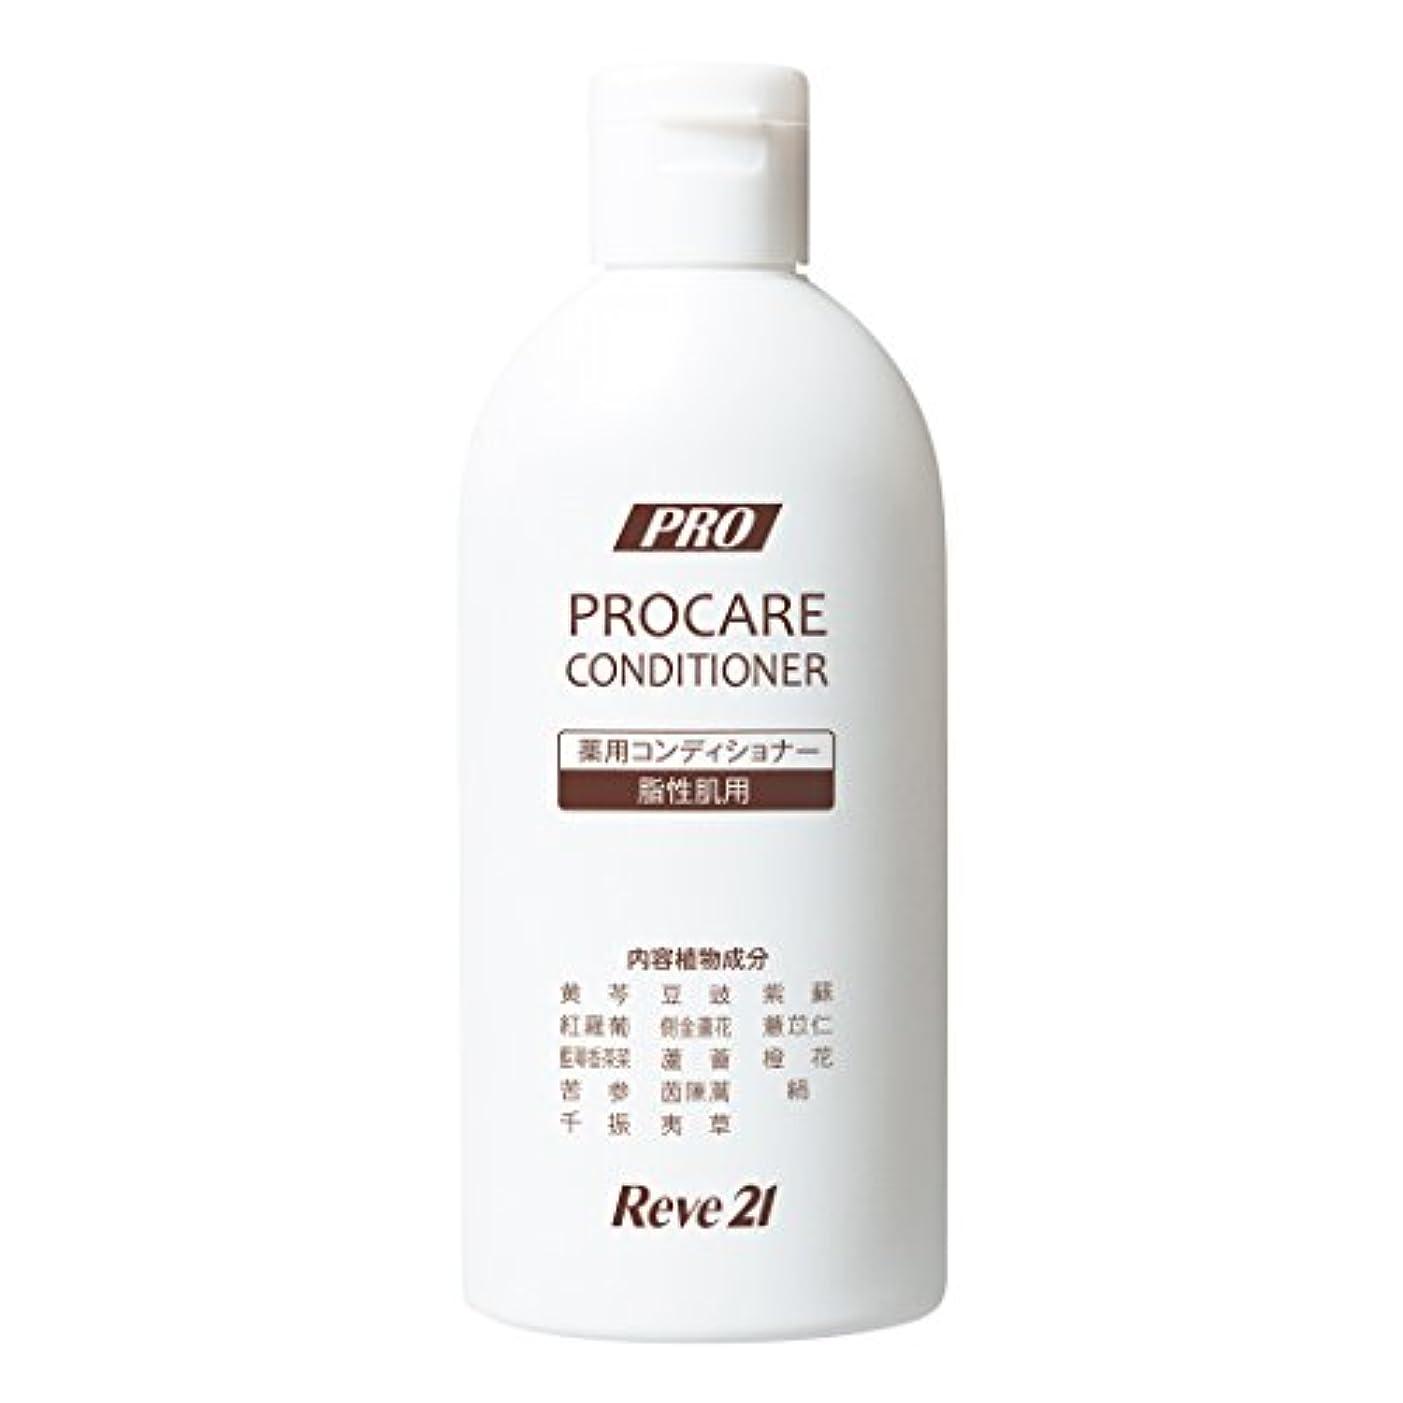 カカドゥほとんどの場合レンダーリーブ21 薬用プロケアコンディショナーB 《脂性肌用》200ml [医薬部外品] 育毛